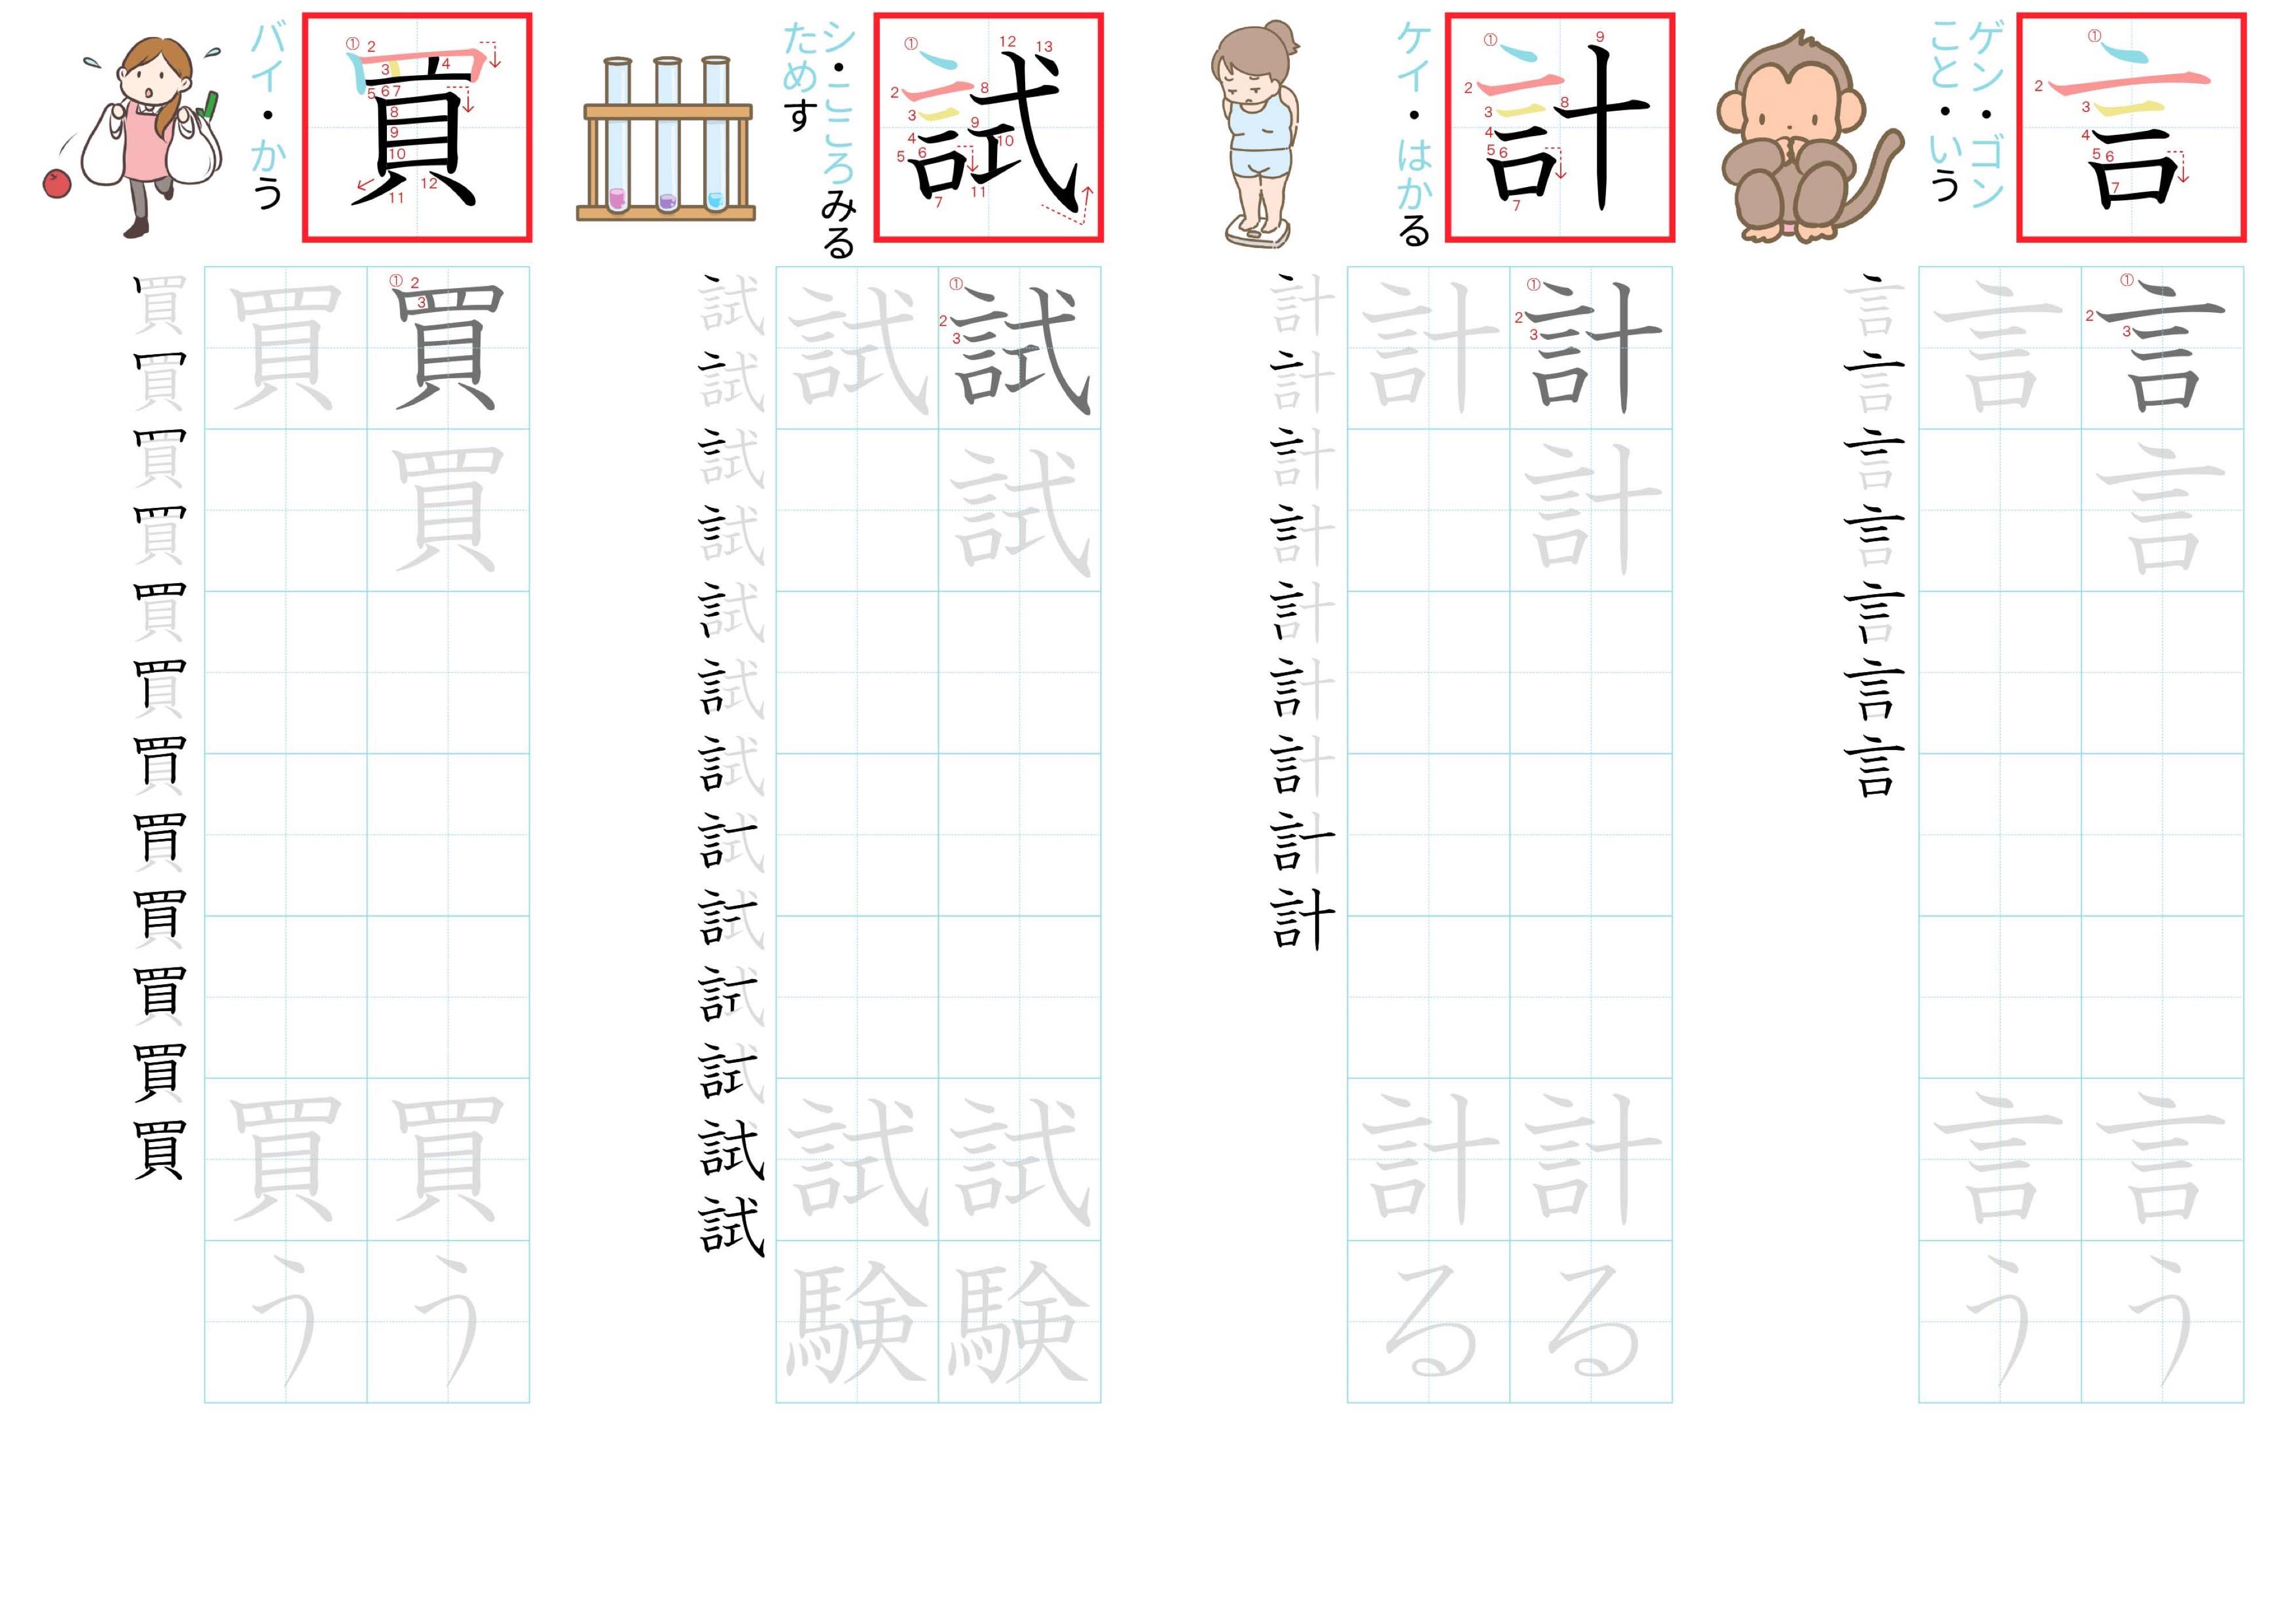 kanji-practice-card-n4-japanese-054